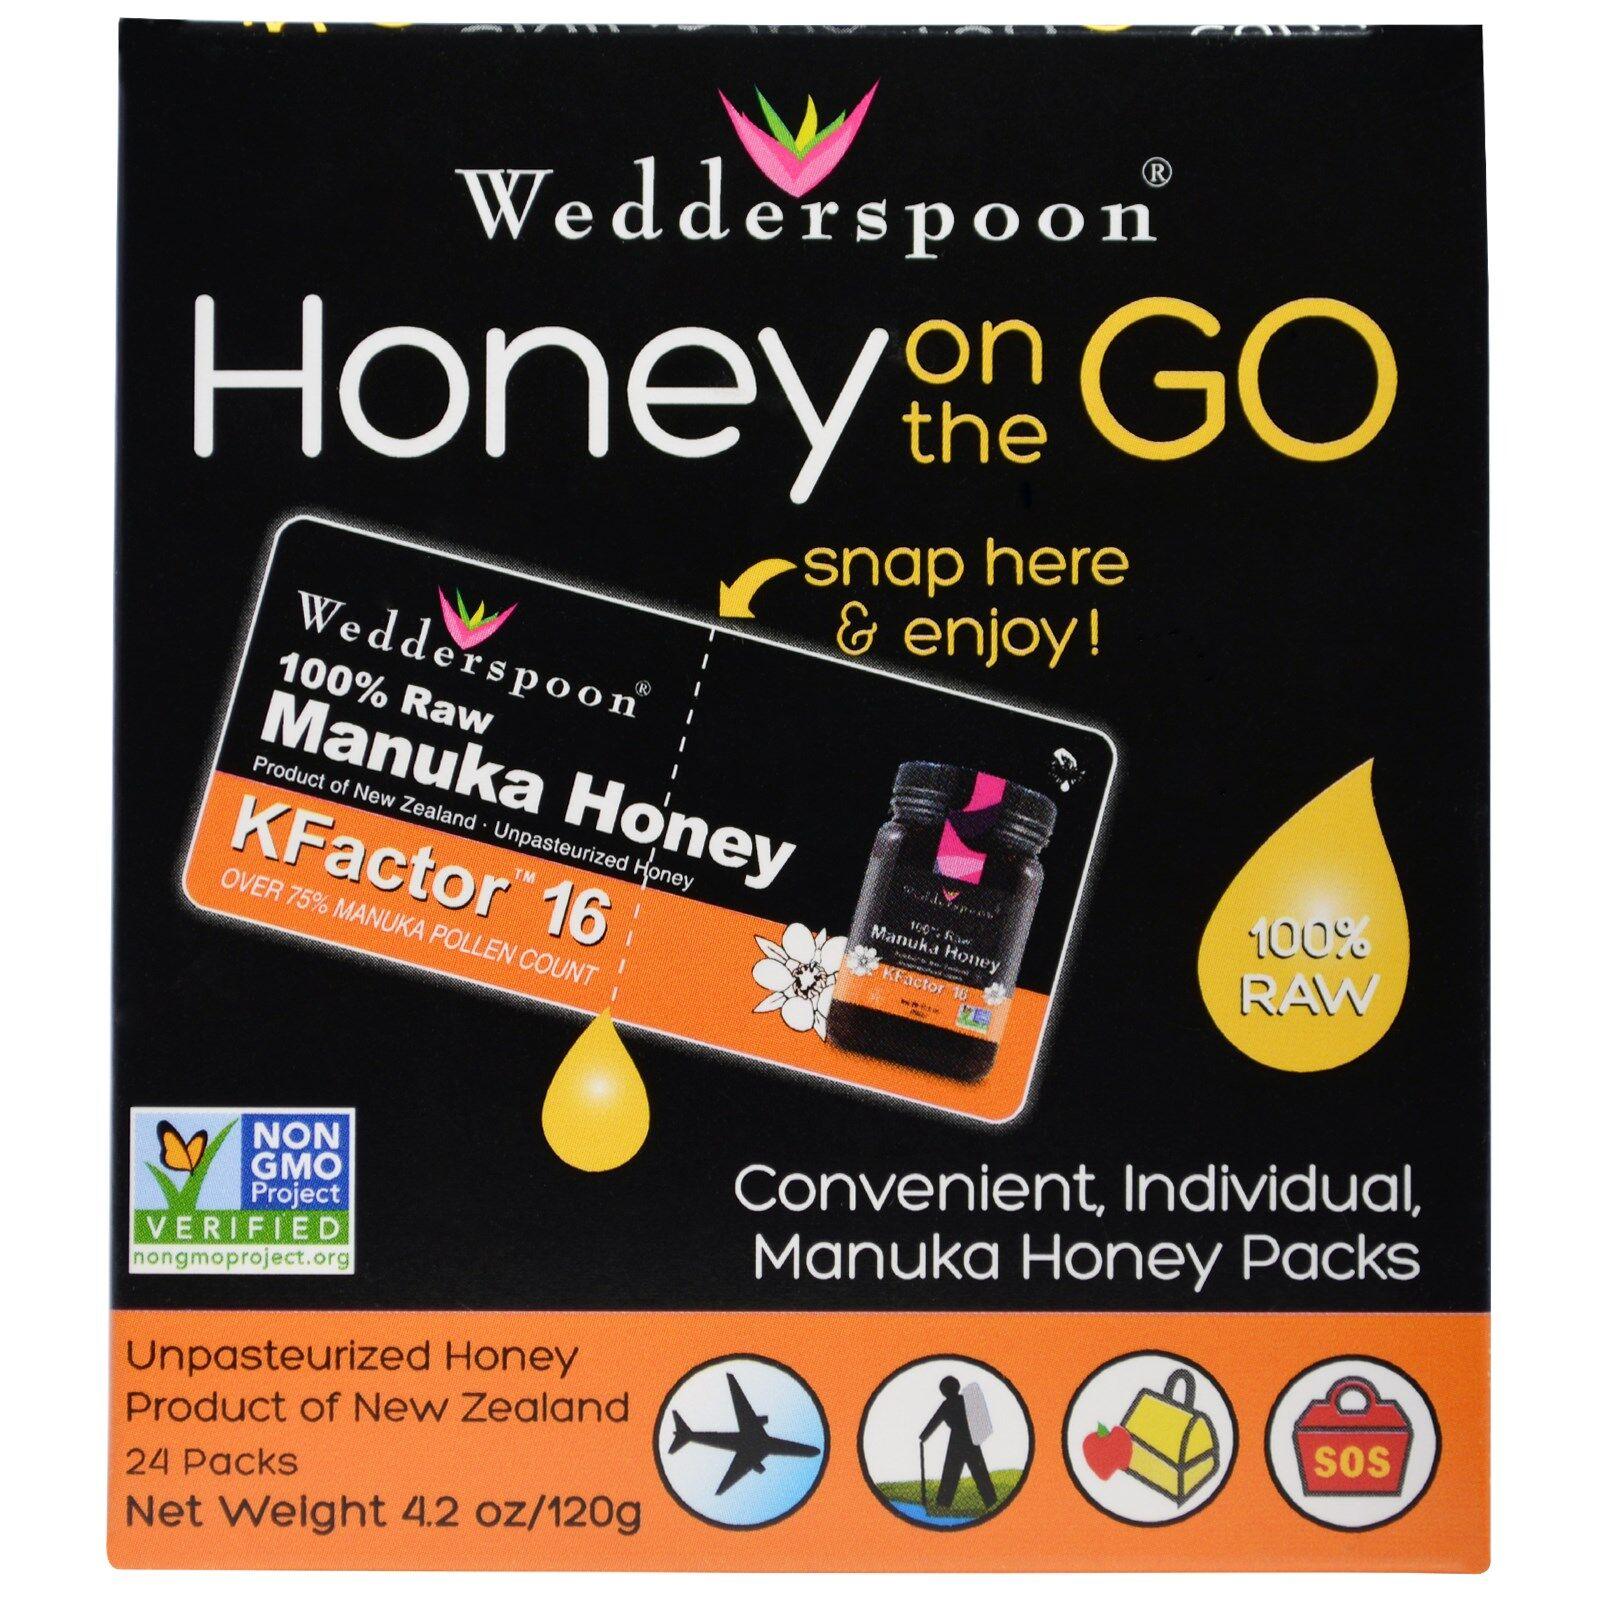 Wedderspoon Organic Honey On The Go KFactor 16 (24 Packs, 5 g Each) - Wedderspoon Organic